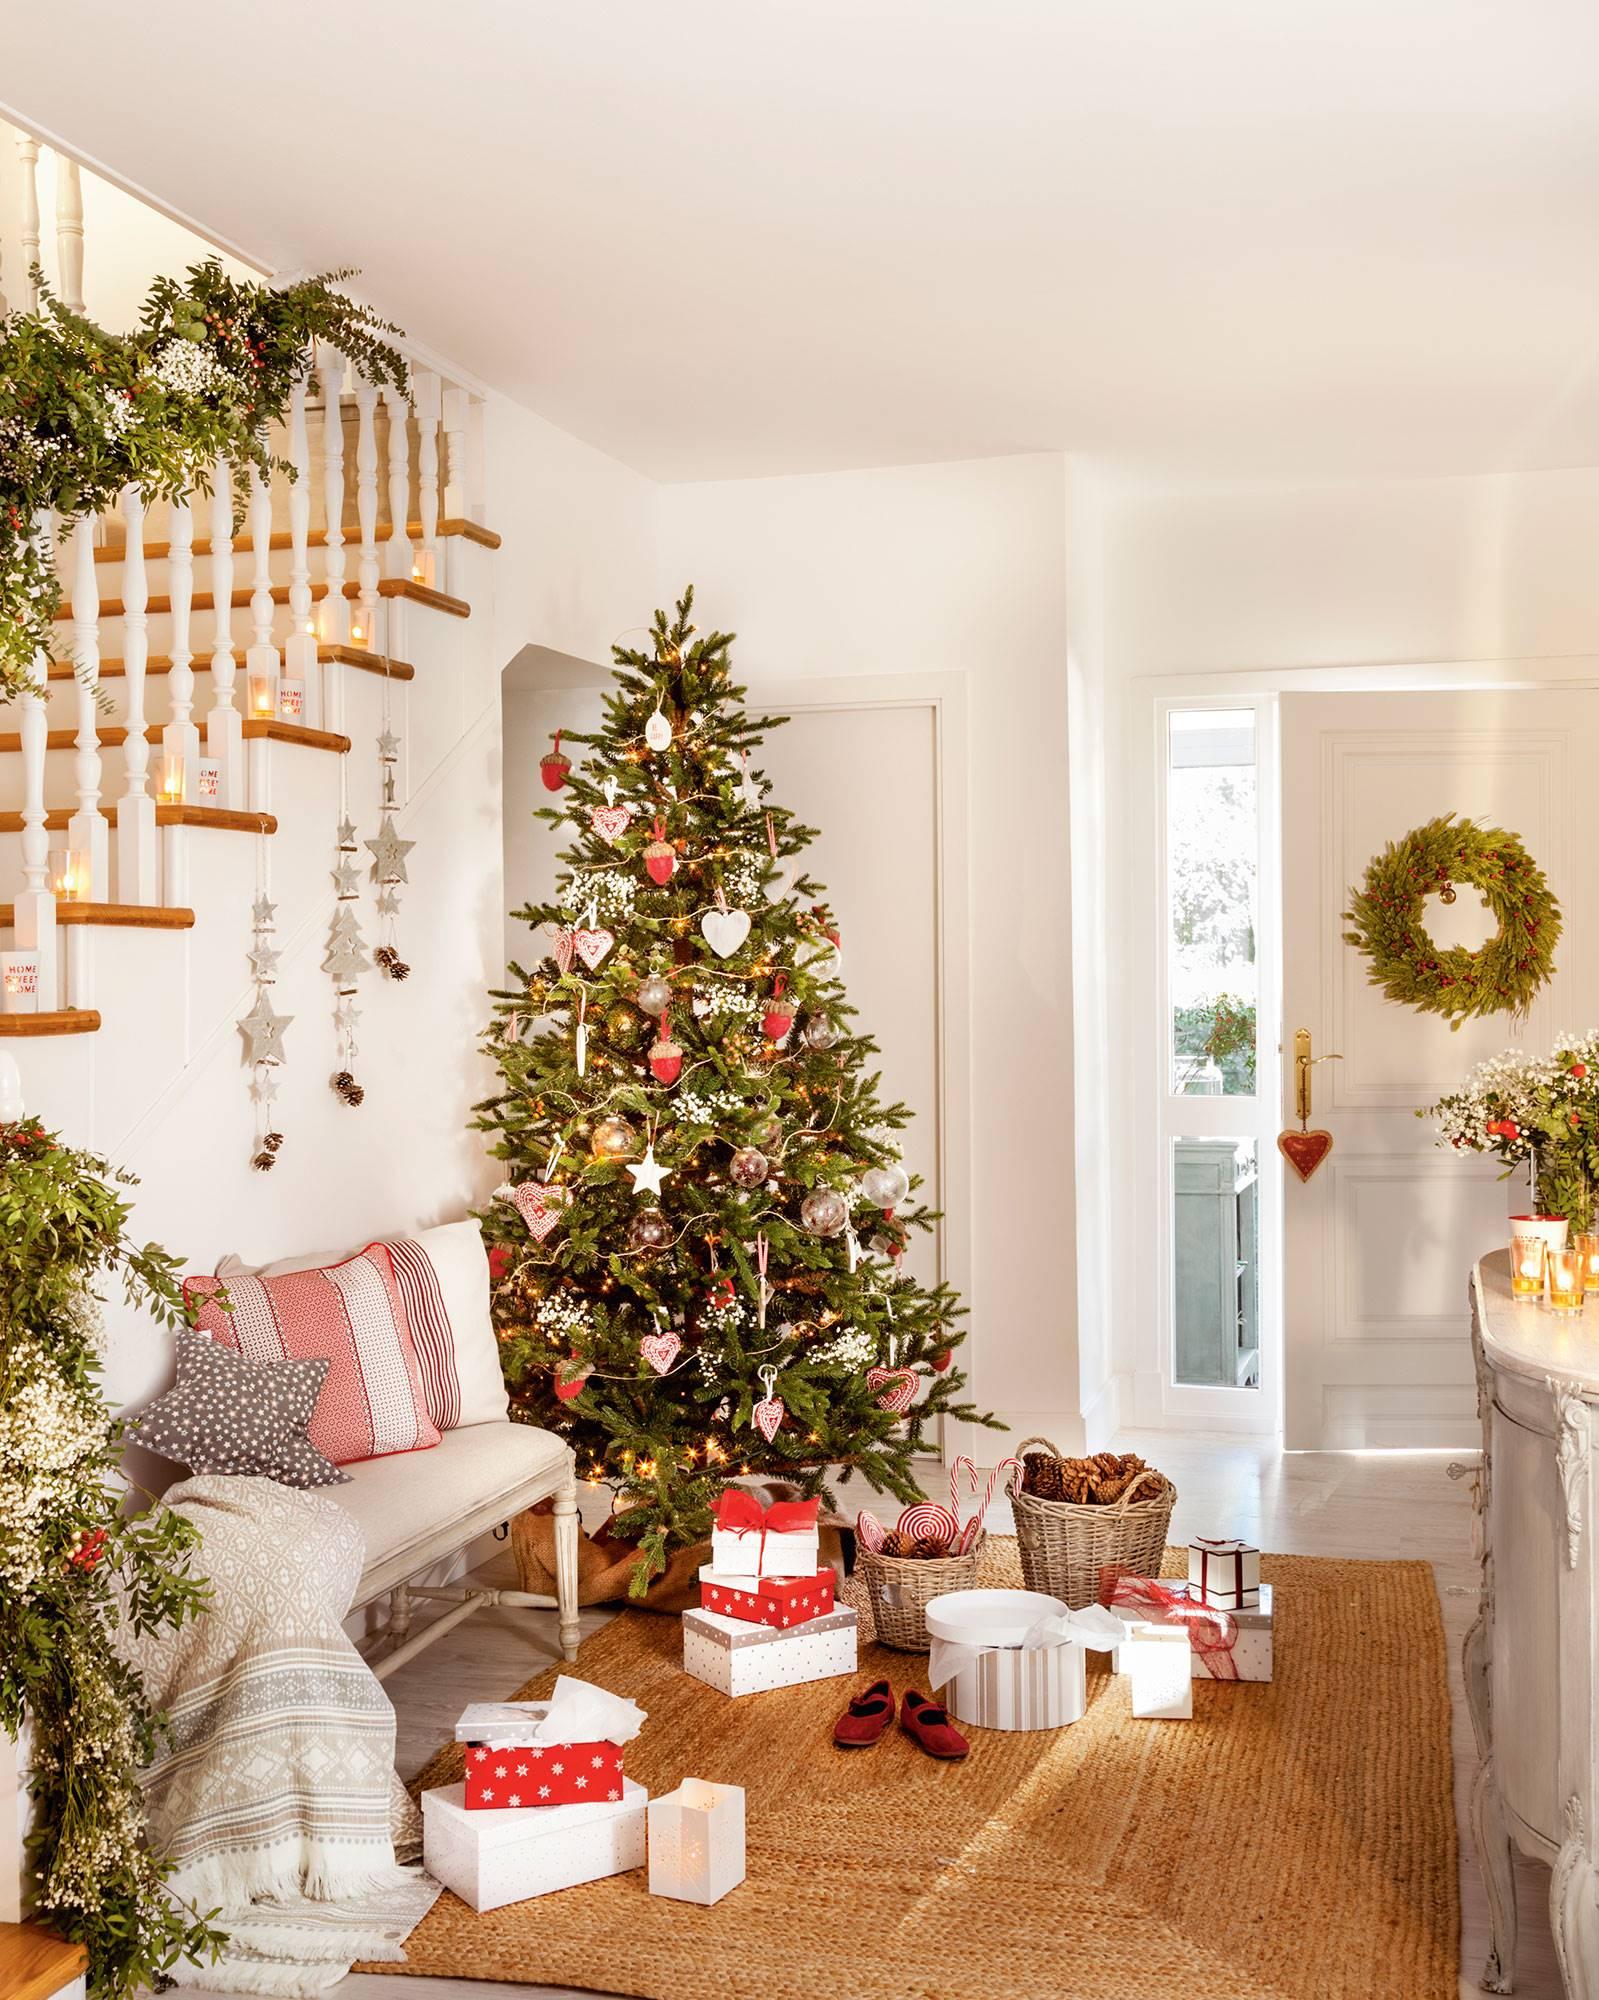 recibidor blanco con escaleras y árbol de Navidad con adornos rojos. Los tres colores de la Navidad y del Feng Shui